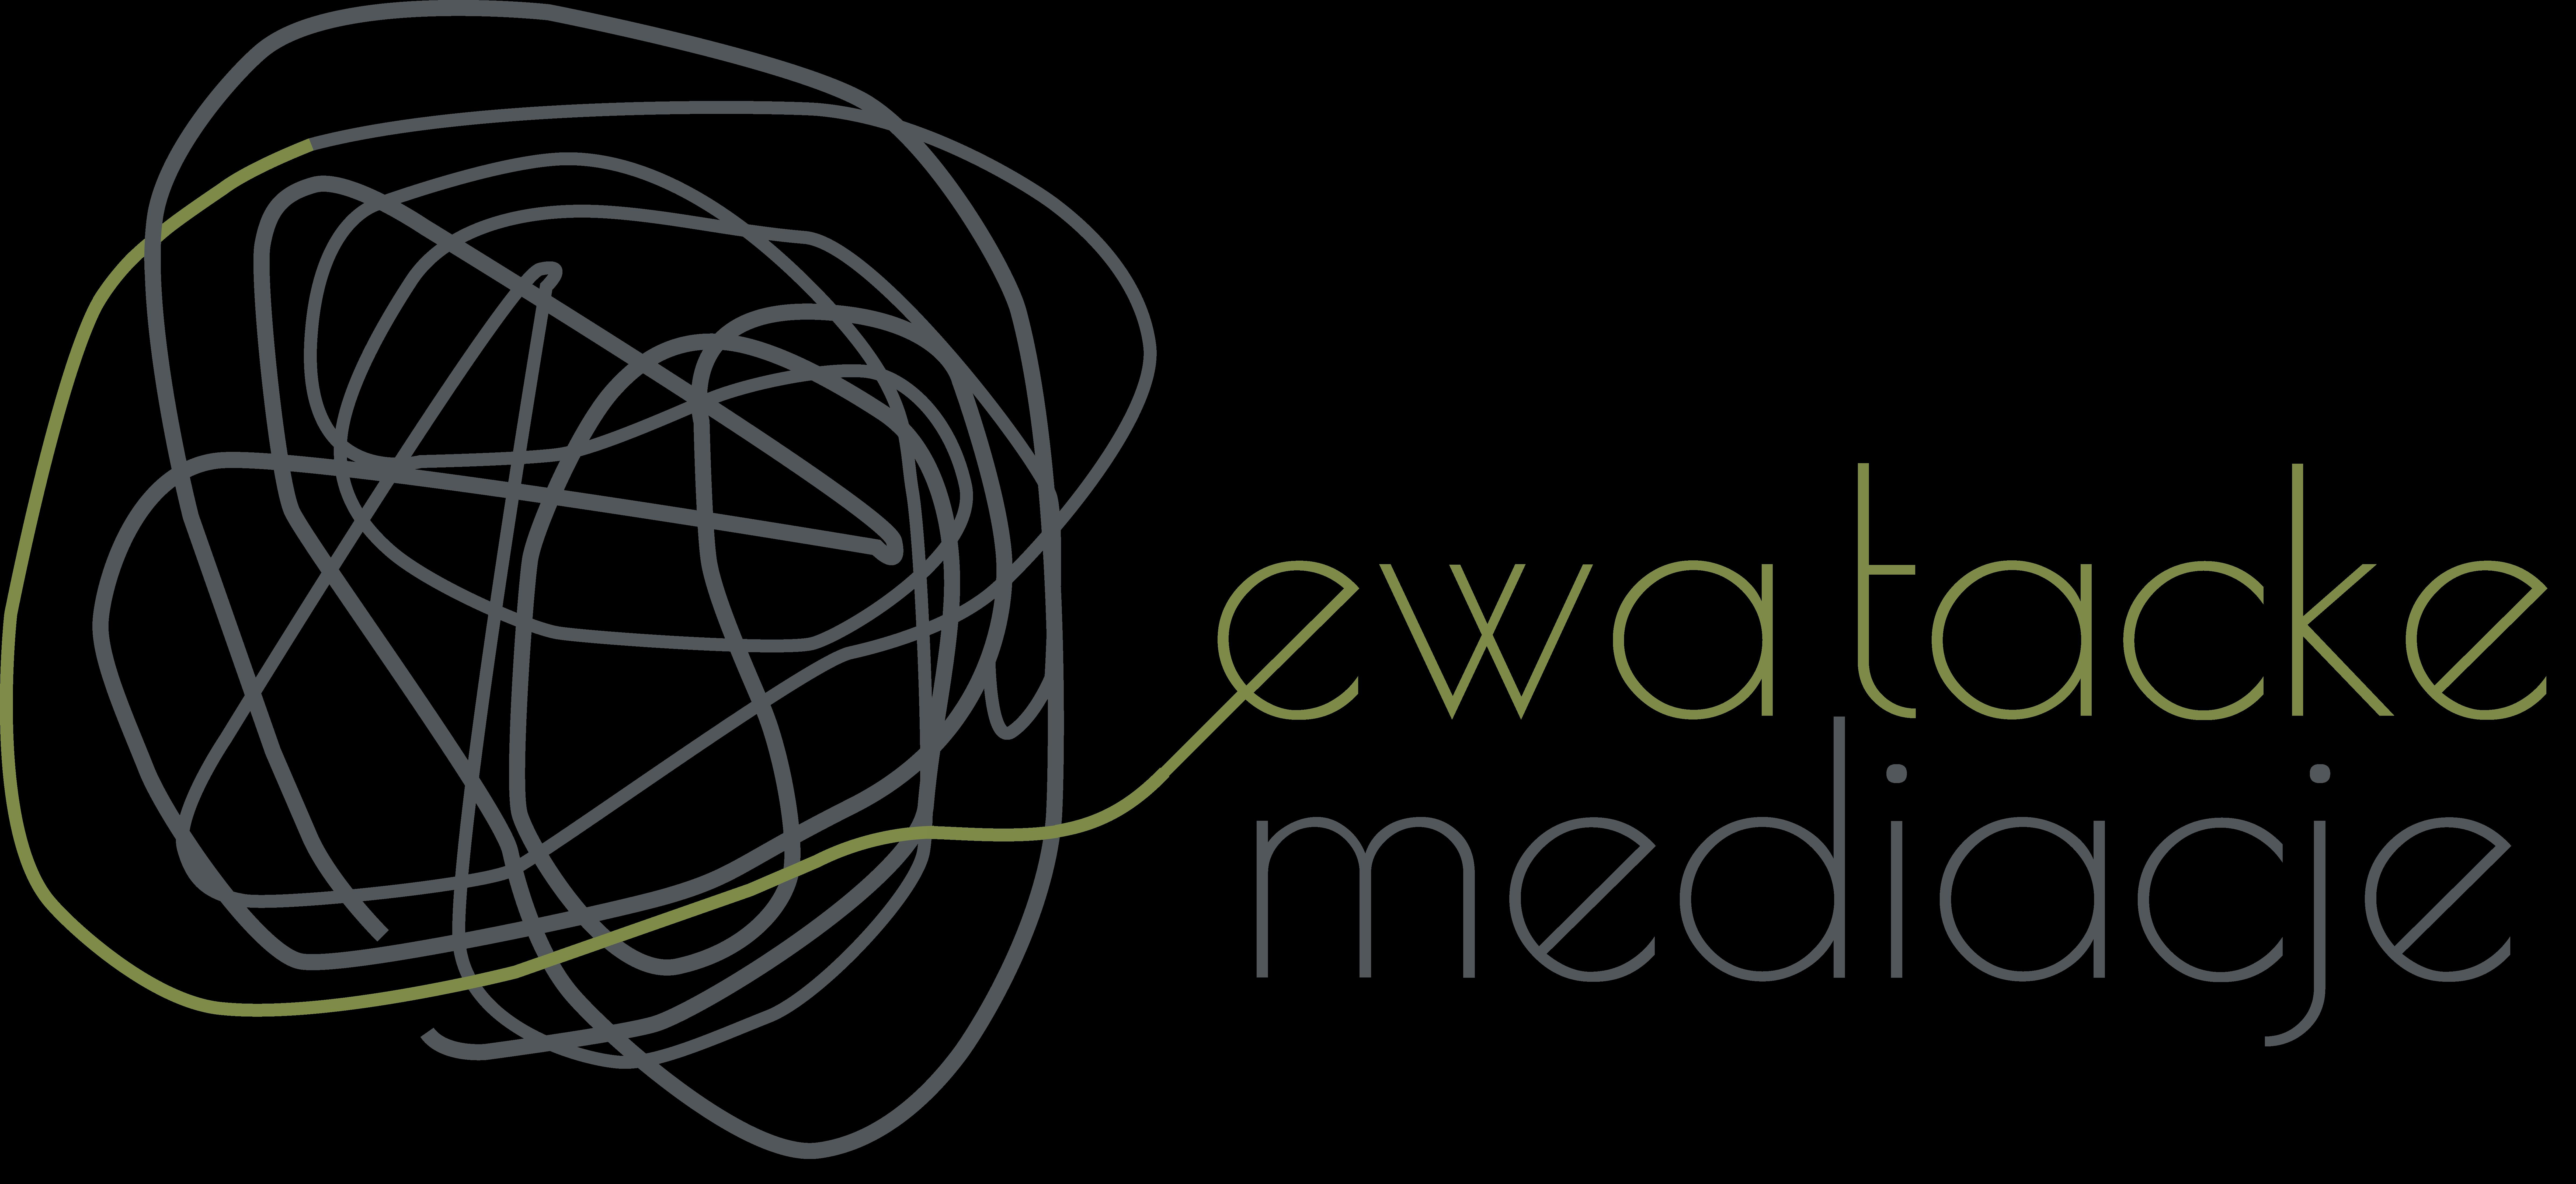 Ewa Tacke Mediacje